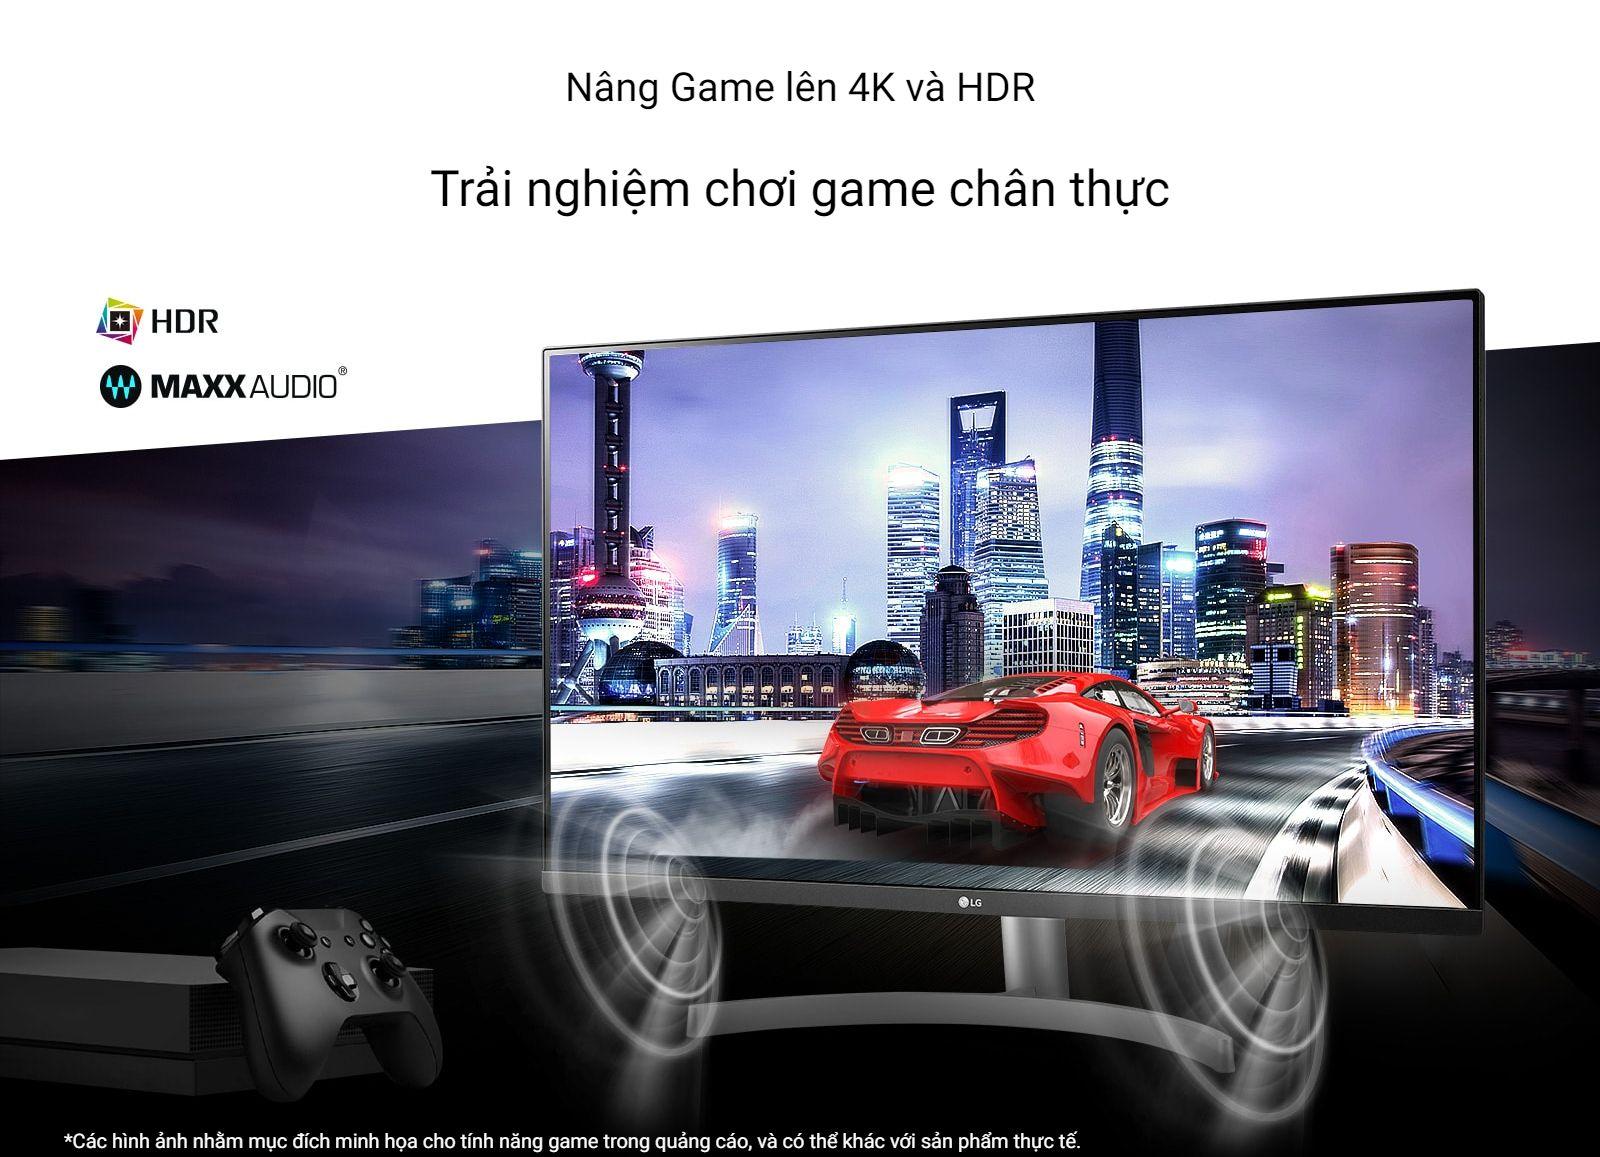 Màn hình LG 32UN500-B thúc đẩy kỷ nguyên mới của trải nghiệm chơi game 4K HDR